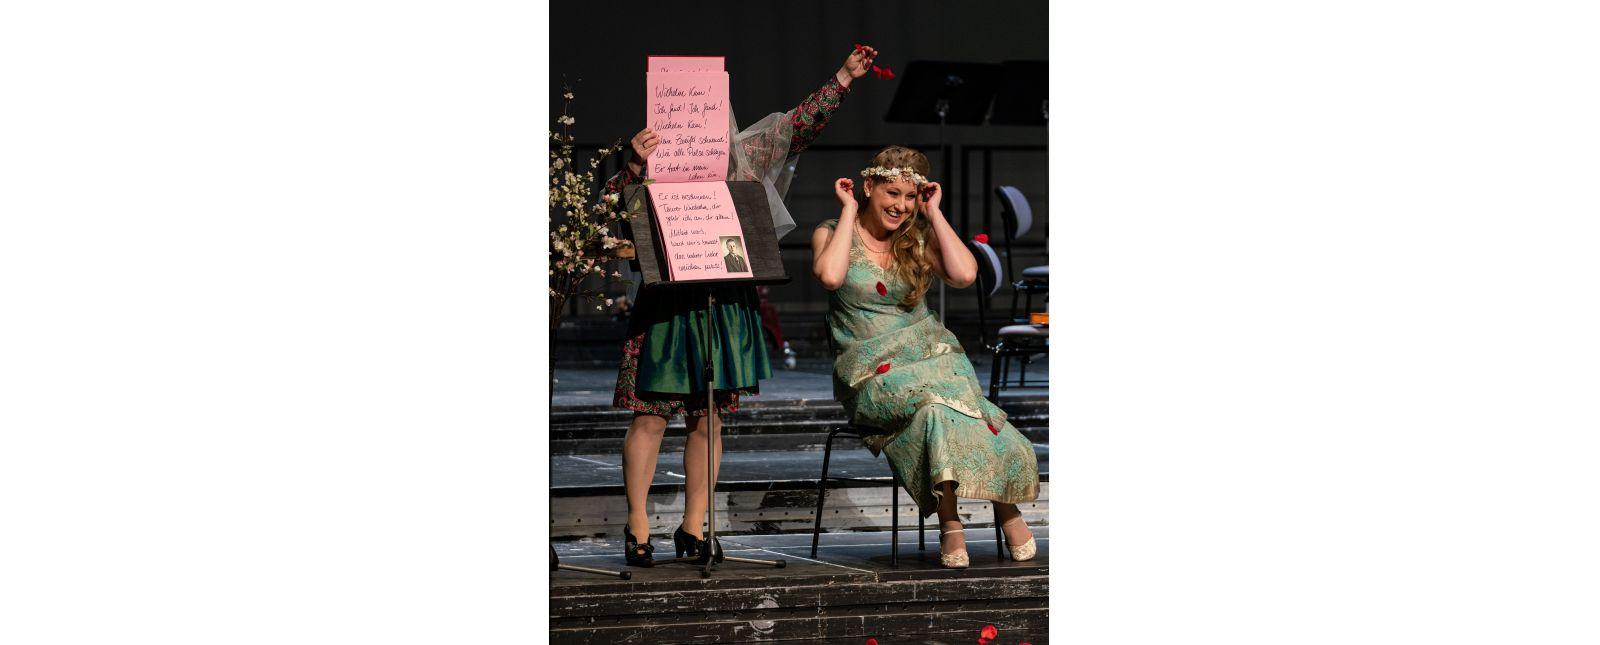 Kosmos Korngold // Irina Jae-Eun Park / Arminia Friebe // 2020 // Britt Schilling